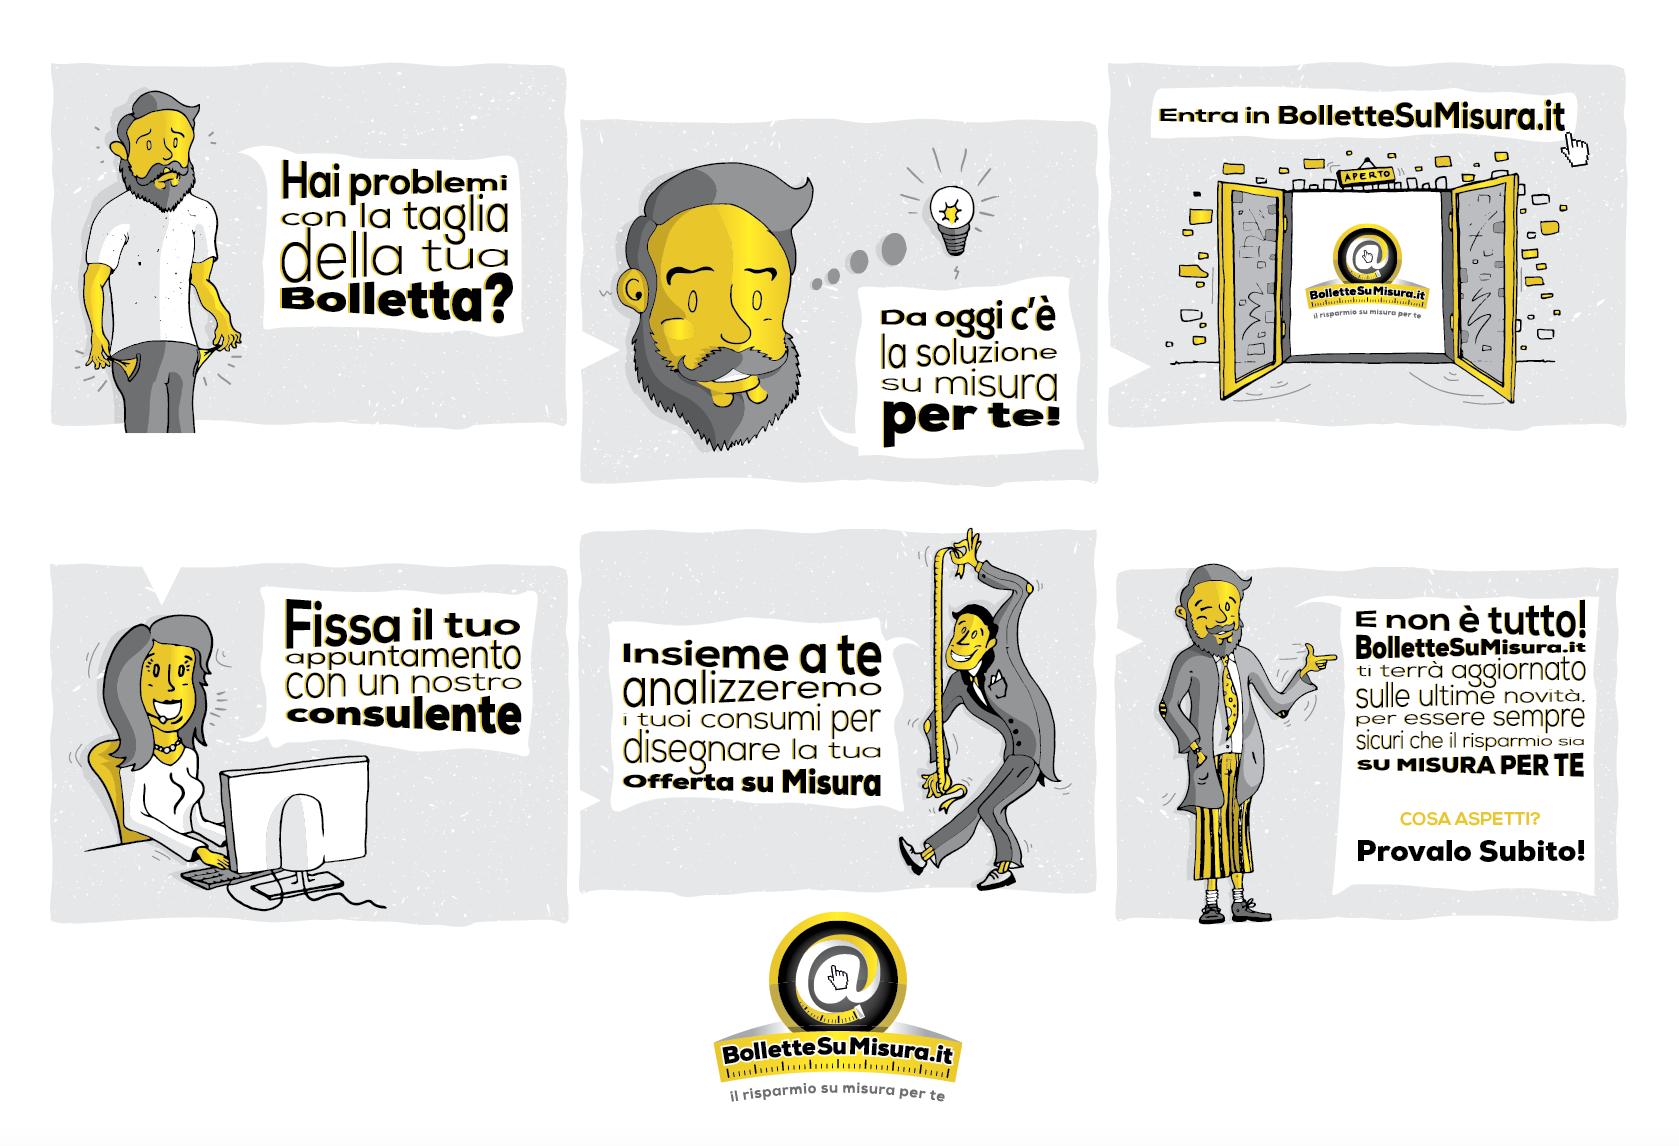 illustrazioni BOLLETTE SU MISURA.it